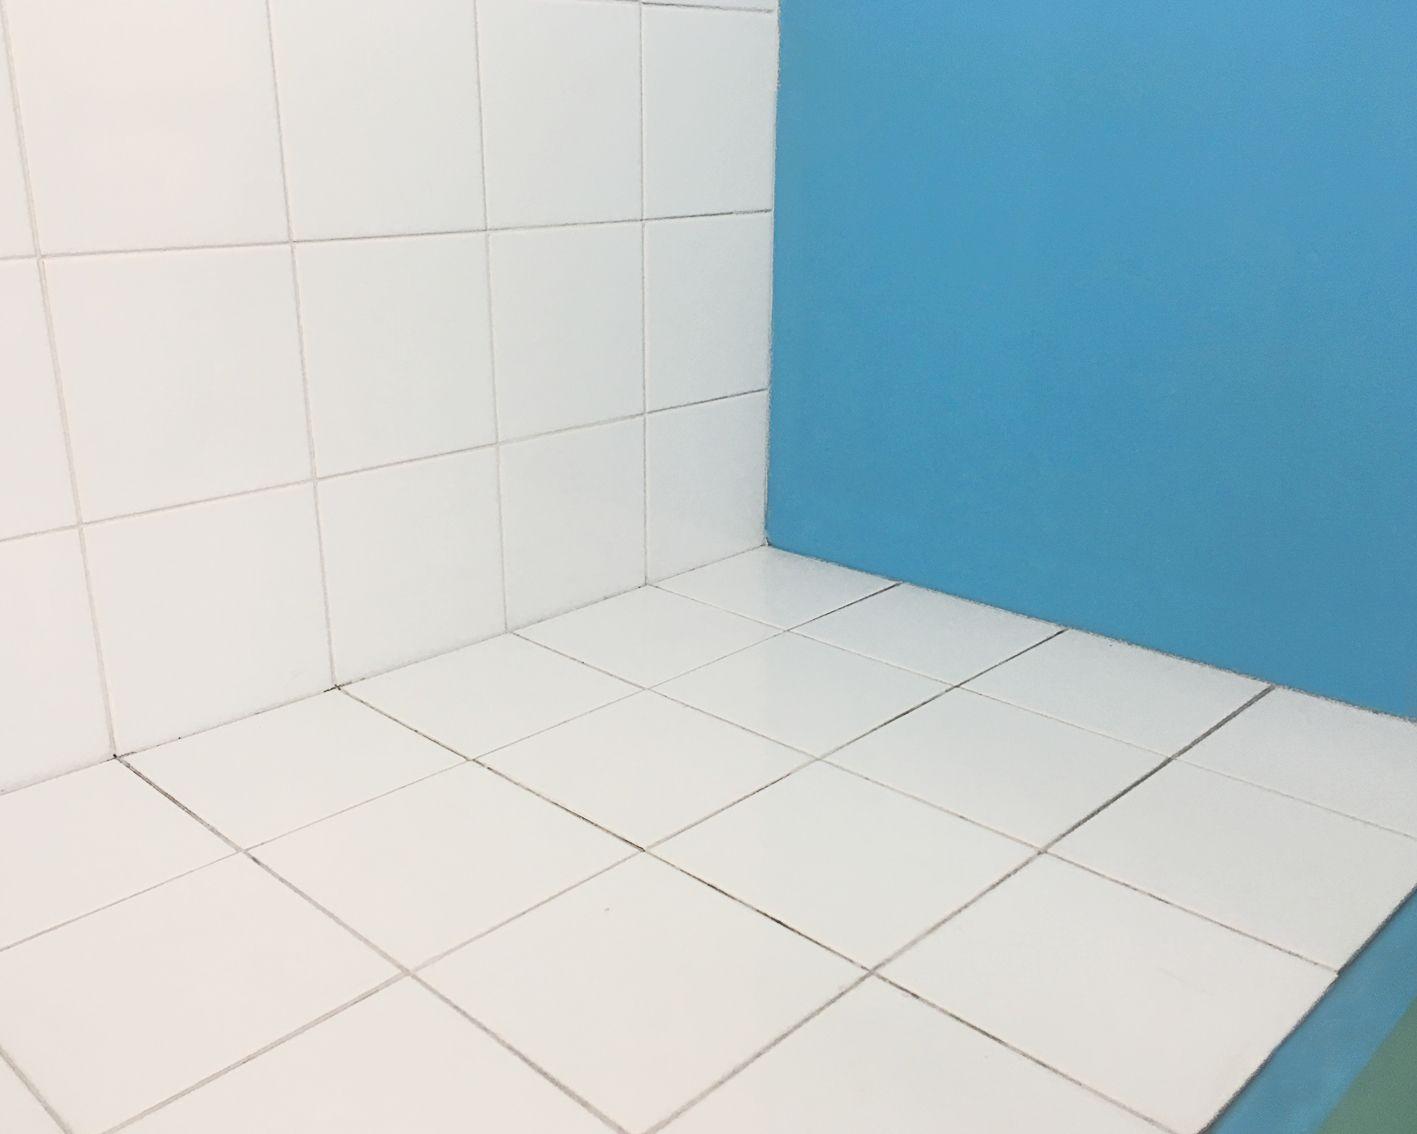 Impermeabilisant Pour Murs Exterieurs Et Toitures 20 L Brenner Brico Depot Toiture Mur Exterieur Exterieur